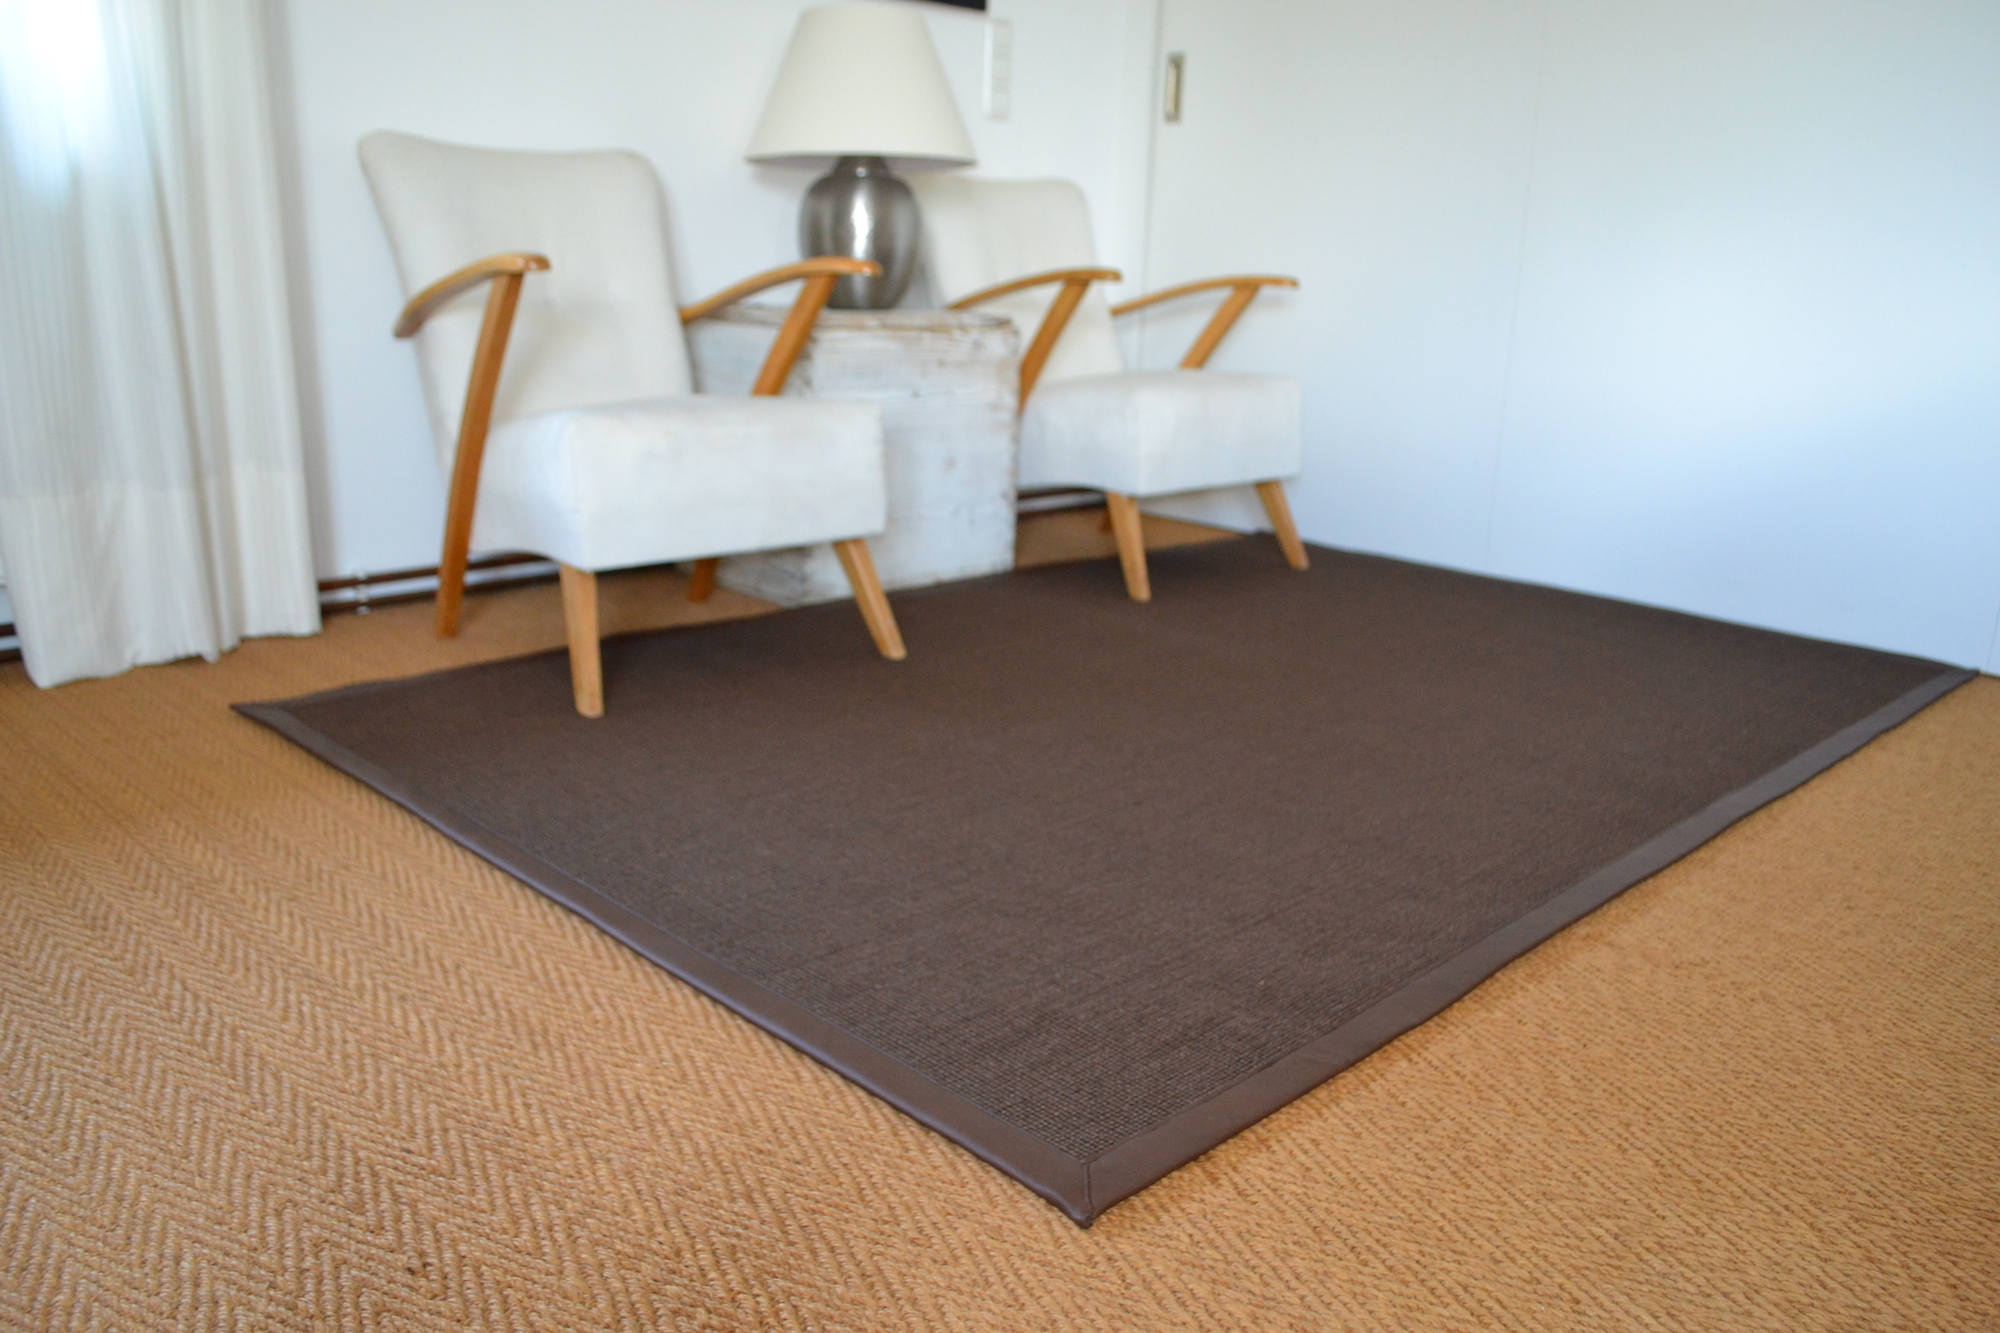 Sisalteppich eckig in der Farbe braun, gewebt nach Kundenwunsch und genau nach Maß.